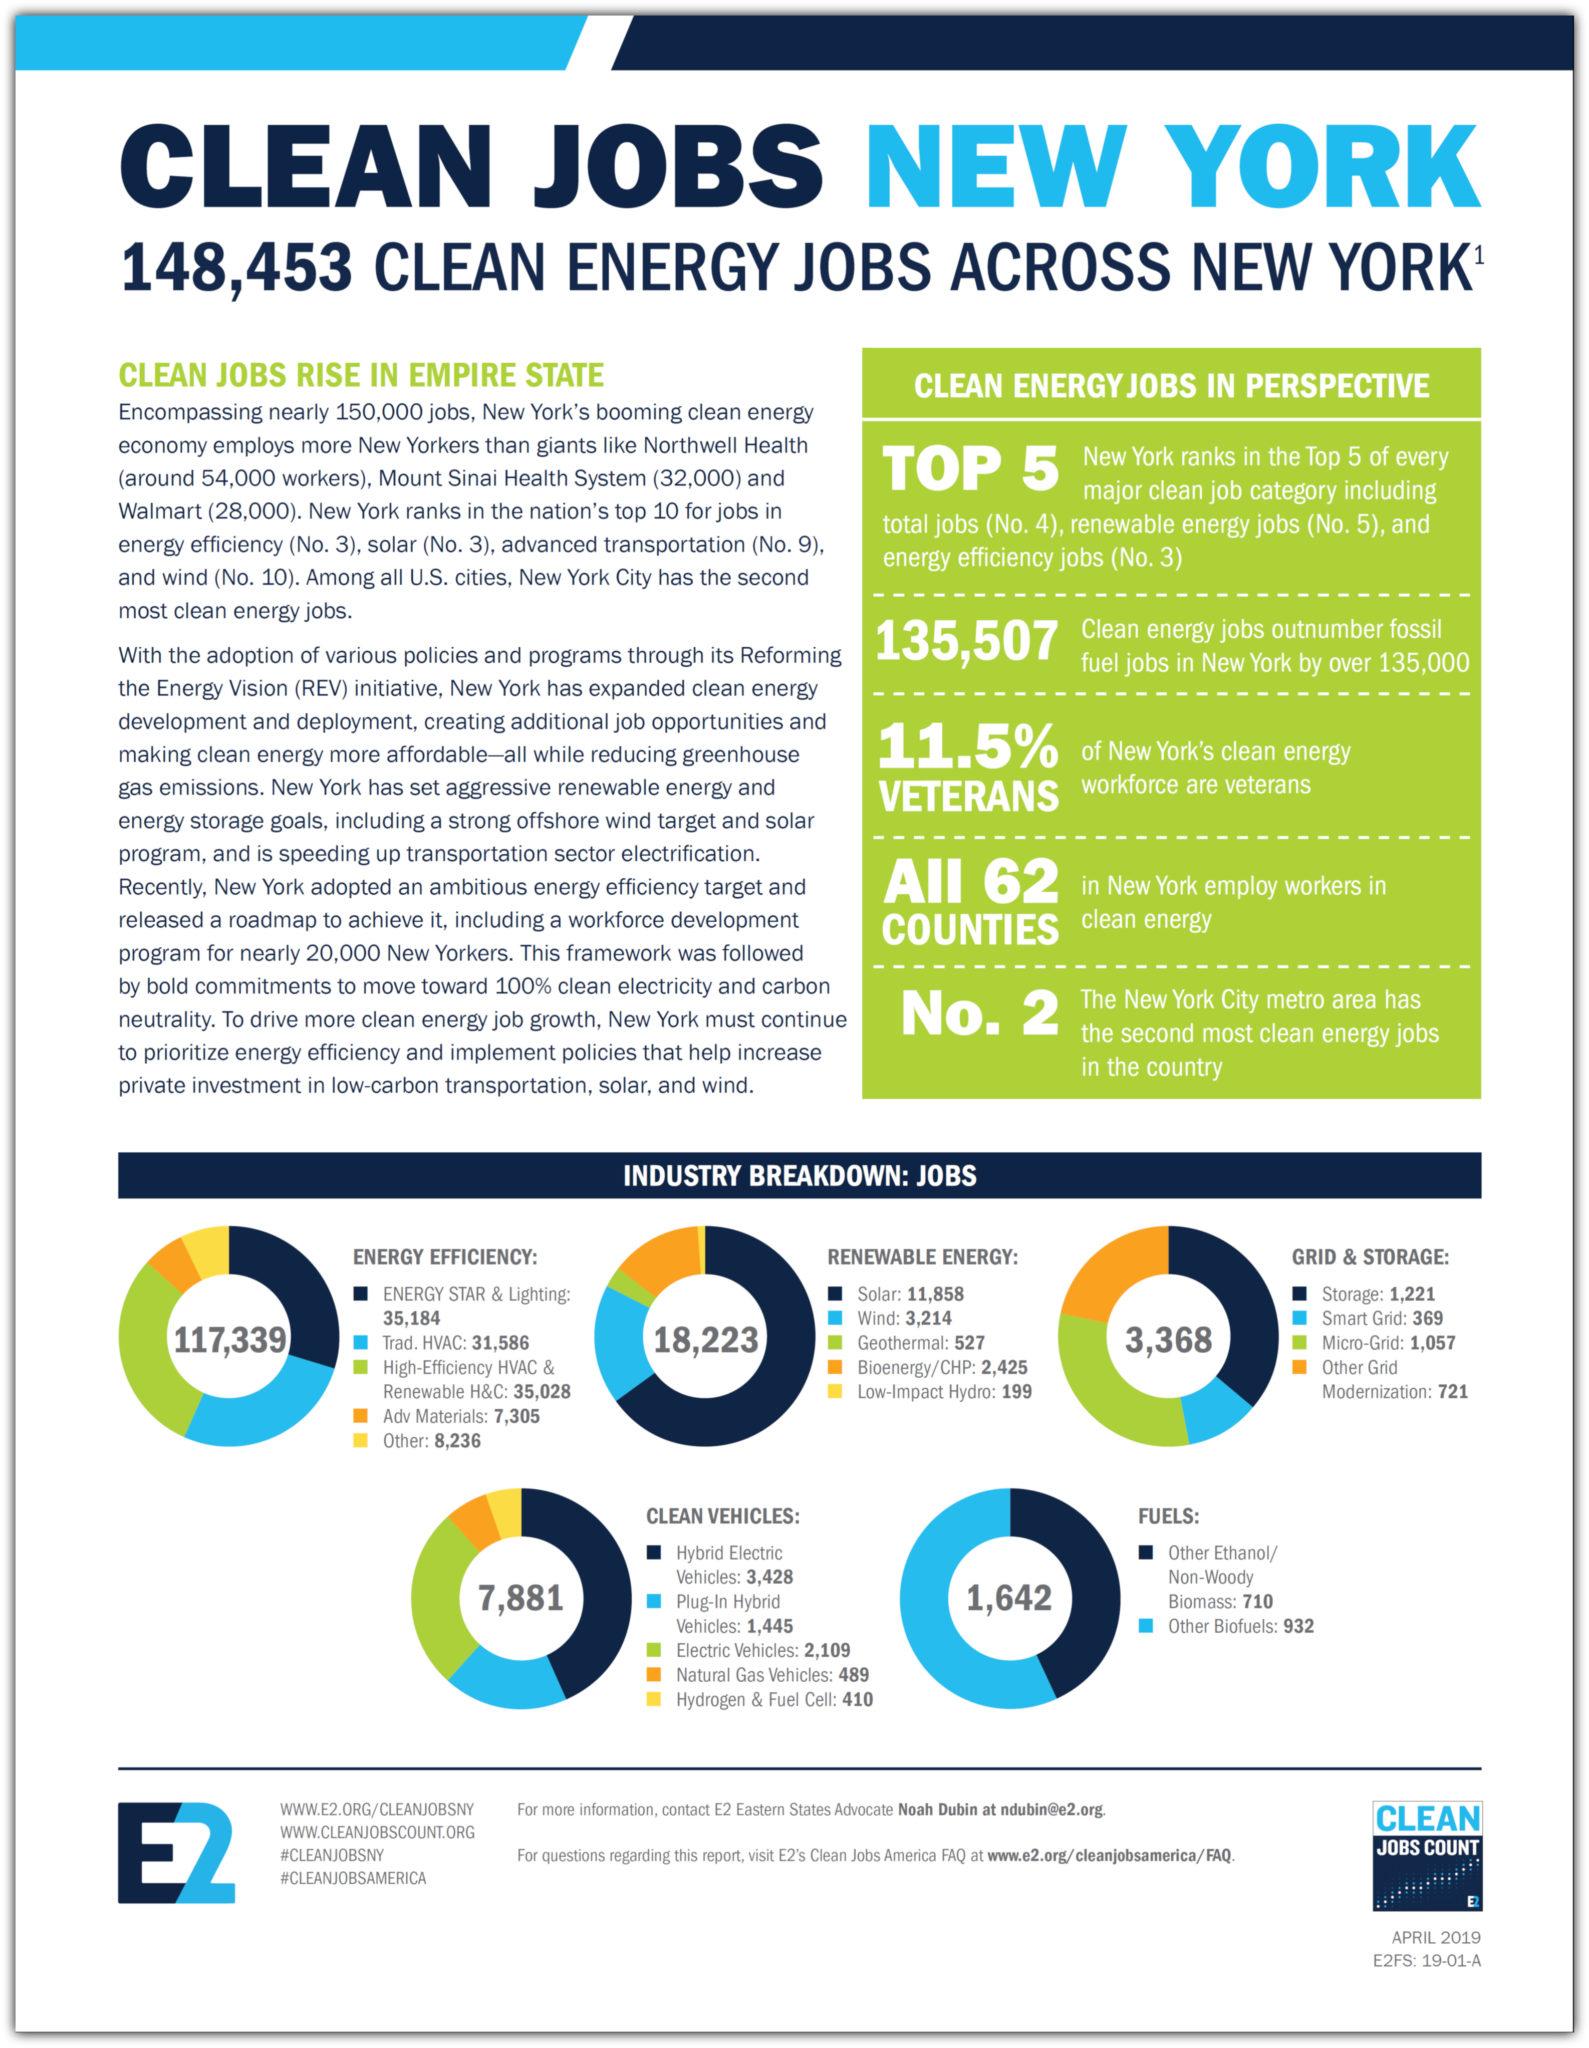 E2 Clean Jobs New York 2019   148,453 clean energy jobs